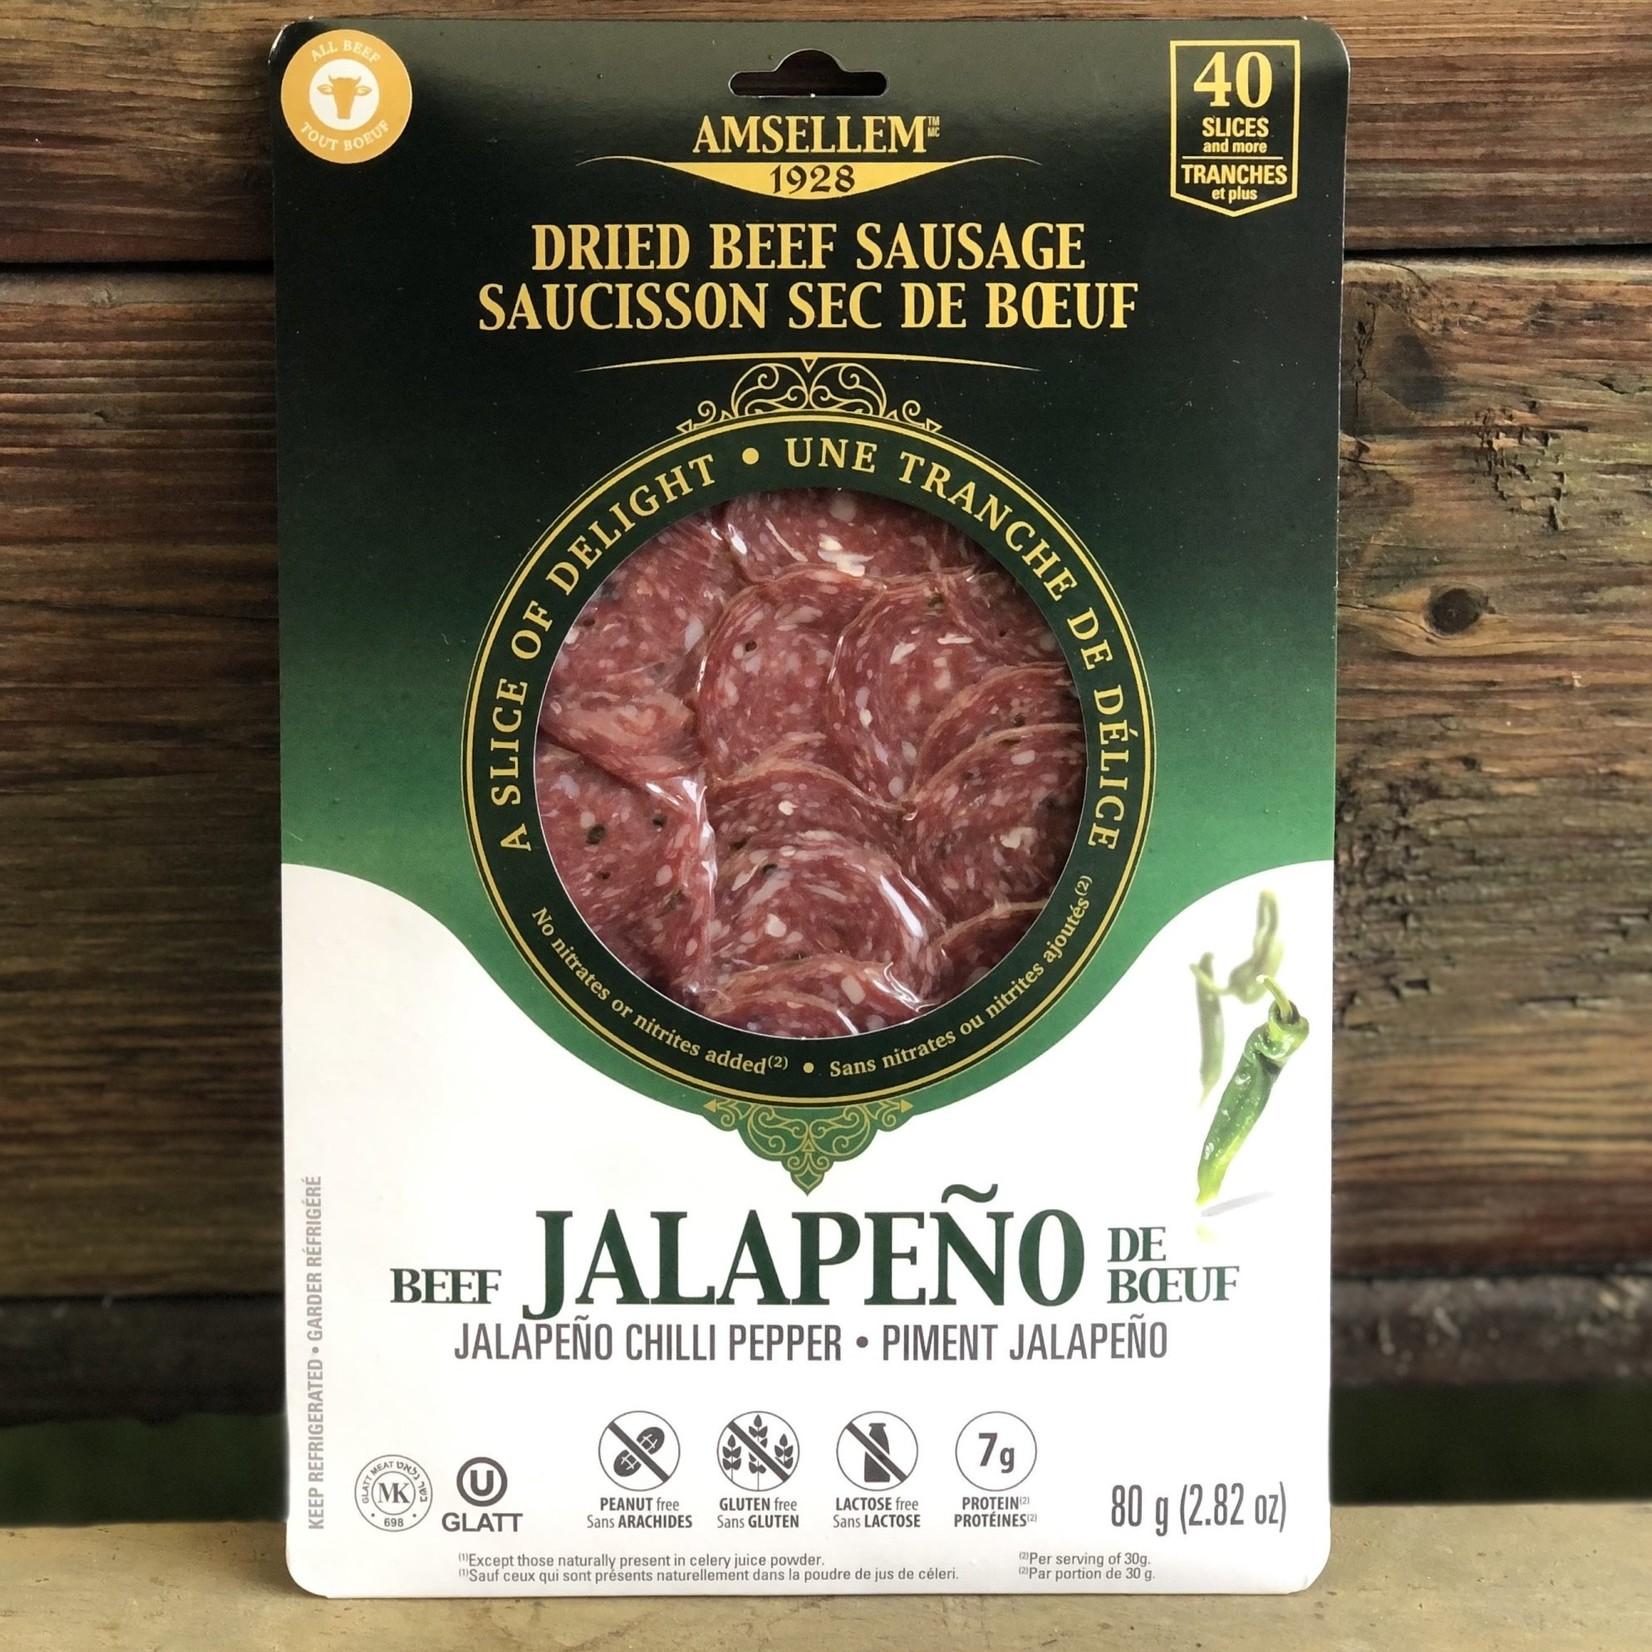 Saucisson de Boeuf - Jalapeño